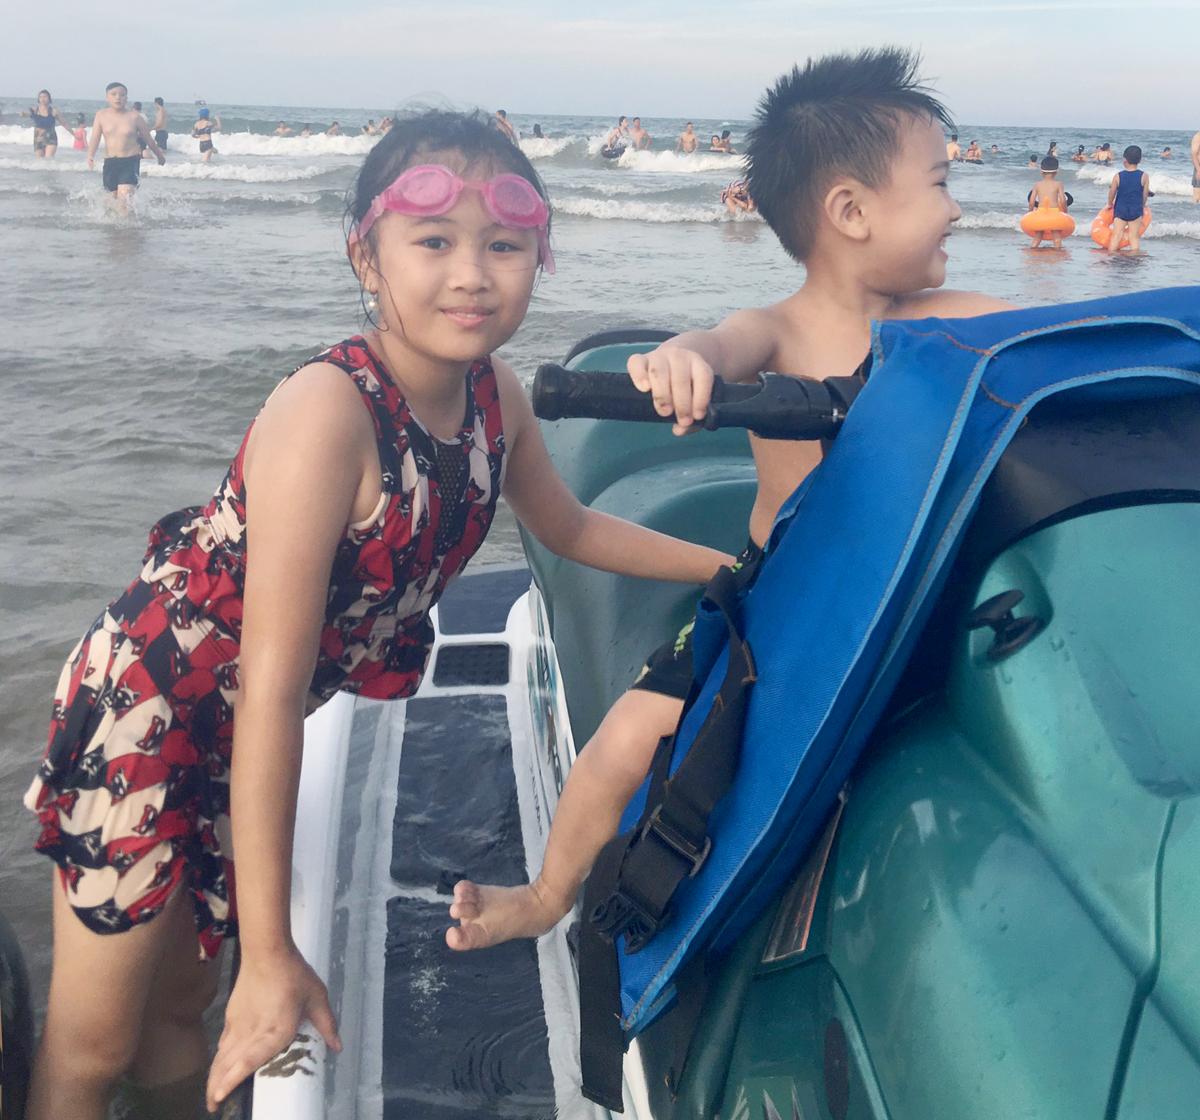 Nhung và em trai trong mùa hè năm ngoái được bố mẹ cho đi biển. Ảnh: Nhân vật cung cấp.